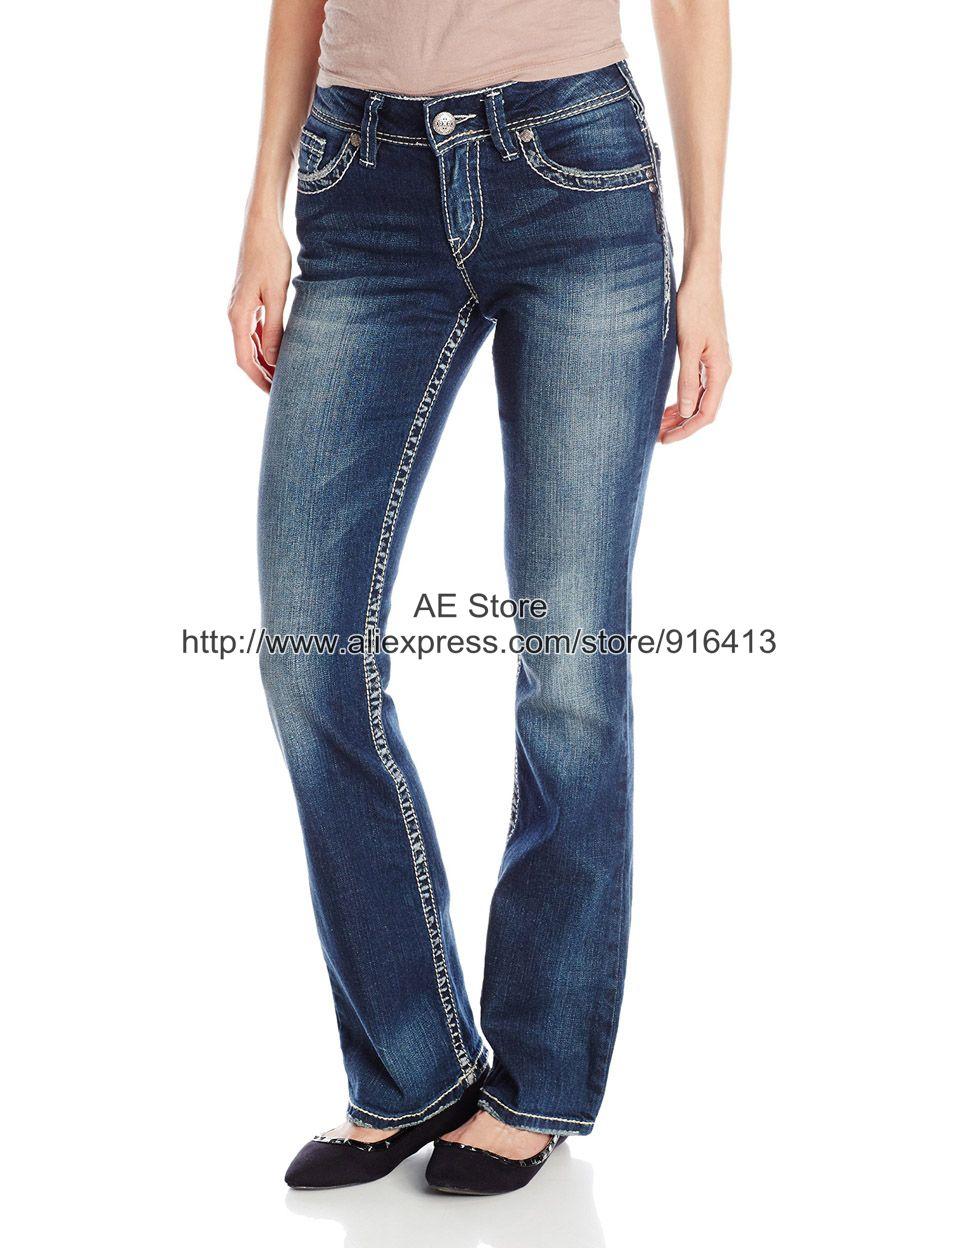 Silver Berkley Jeans - Jeans Am